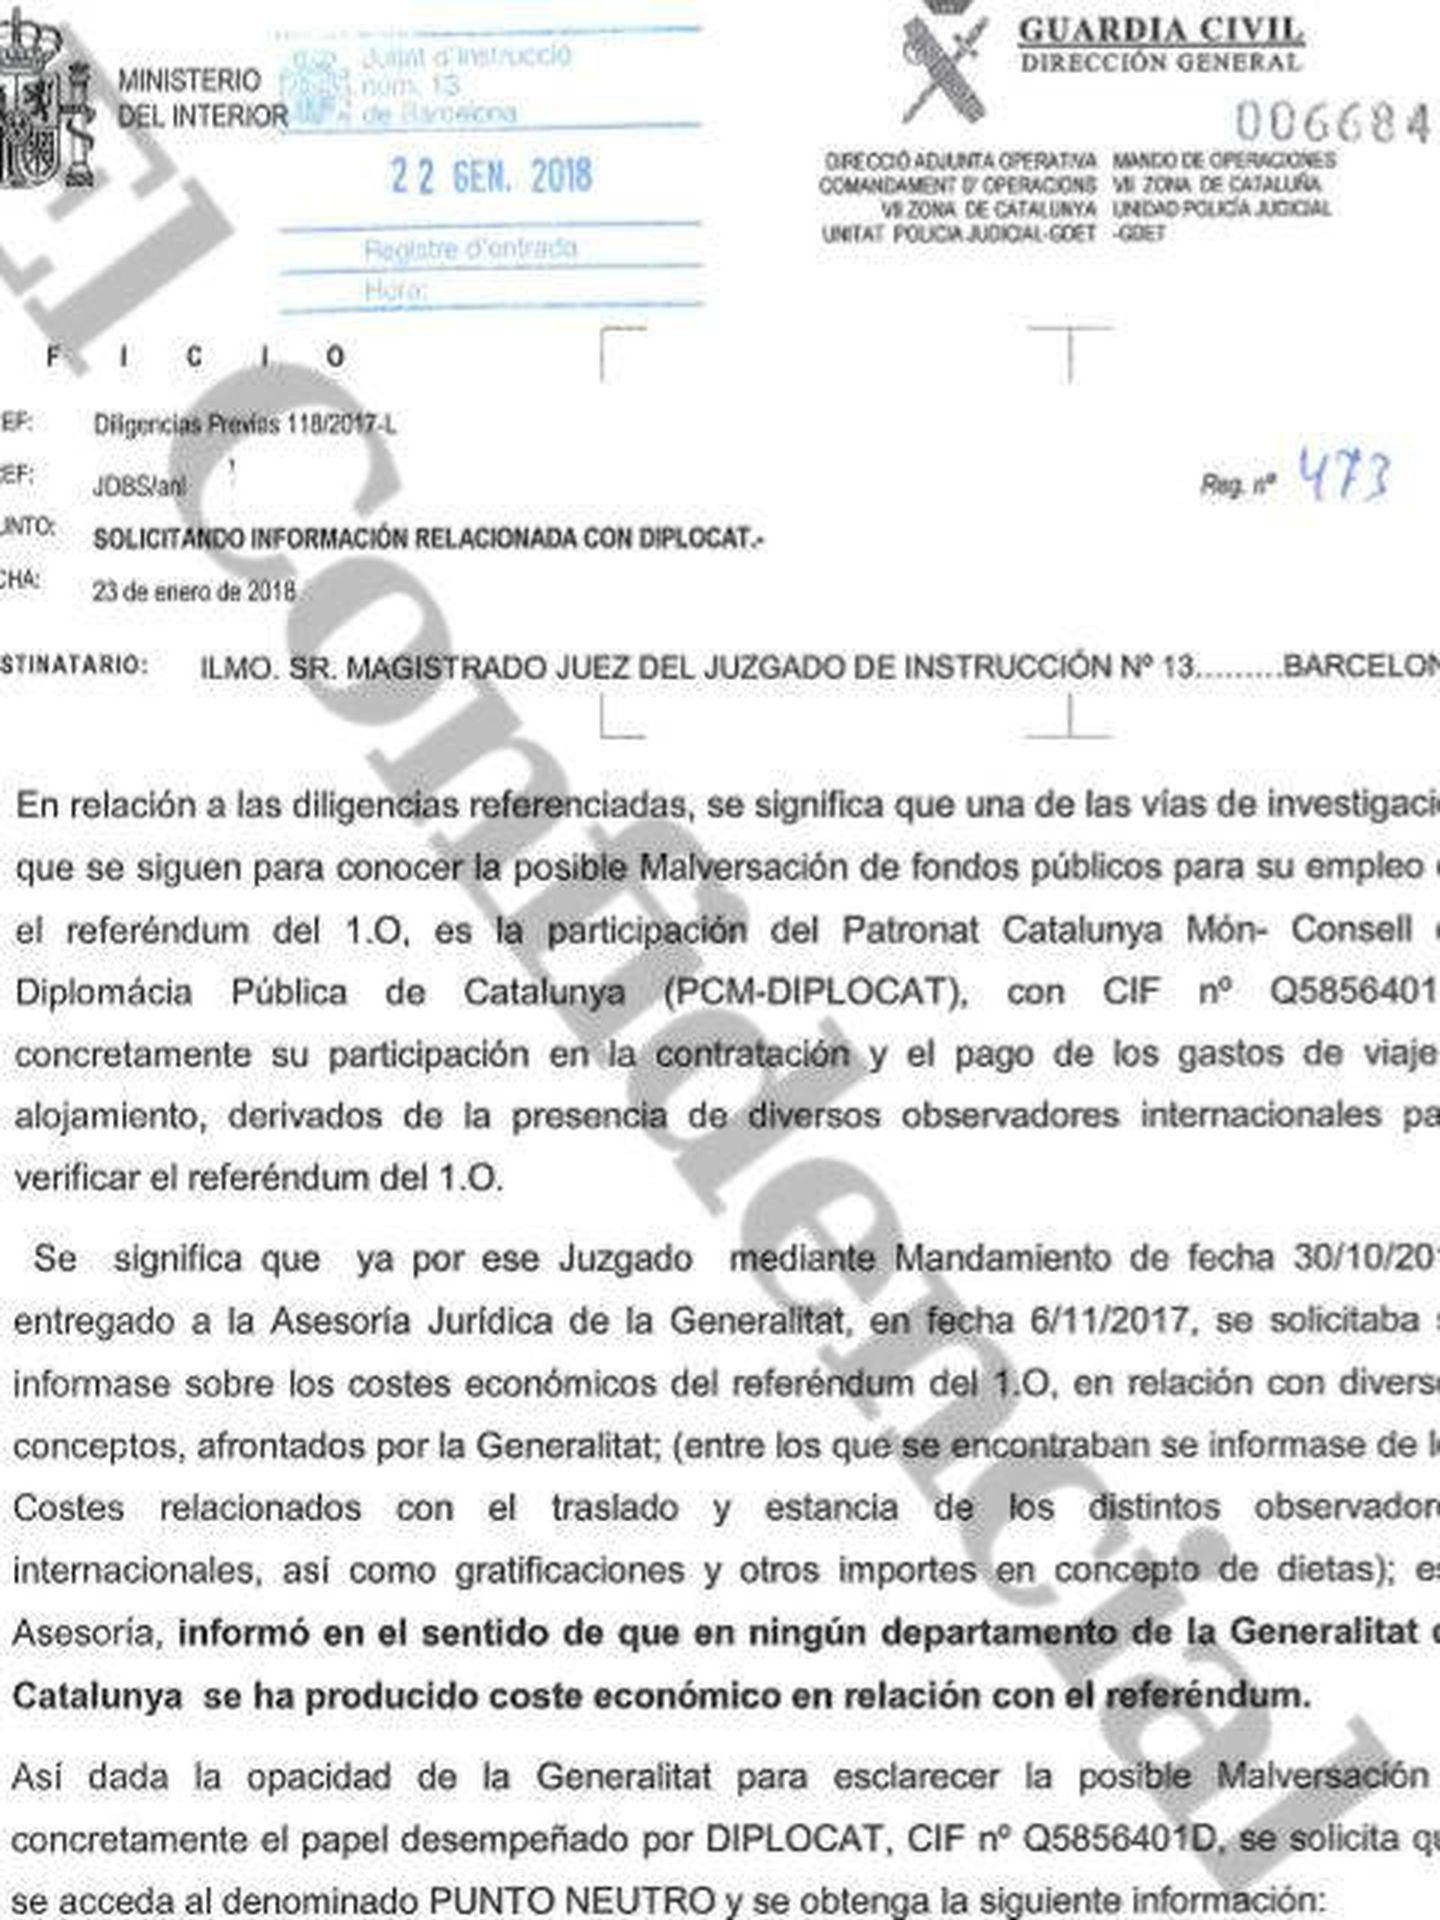 La Guardia Civil reclama en un oficio rastrear las cuentas del Diplocat. (Pinche para ampliar)